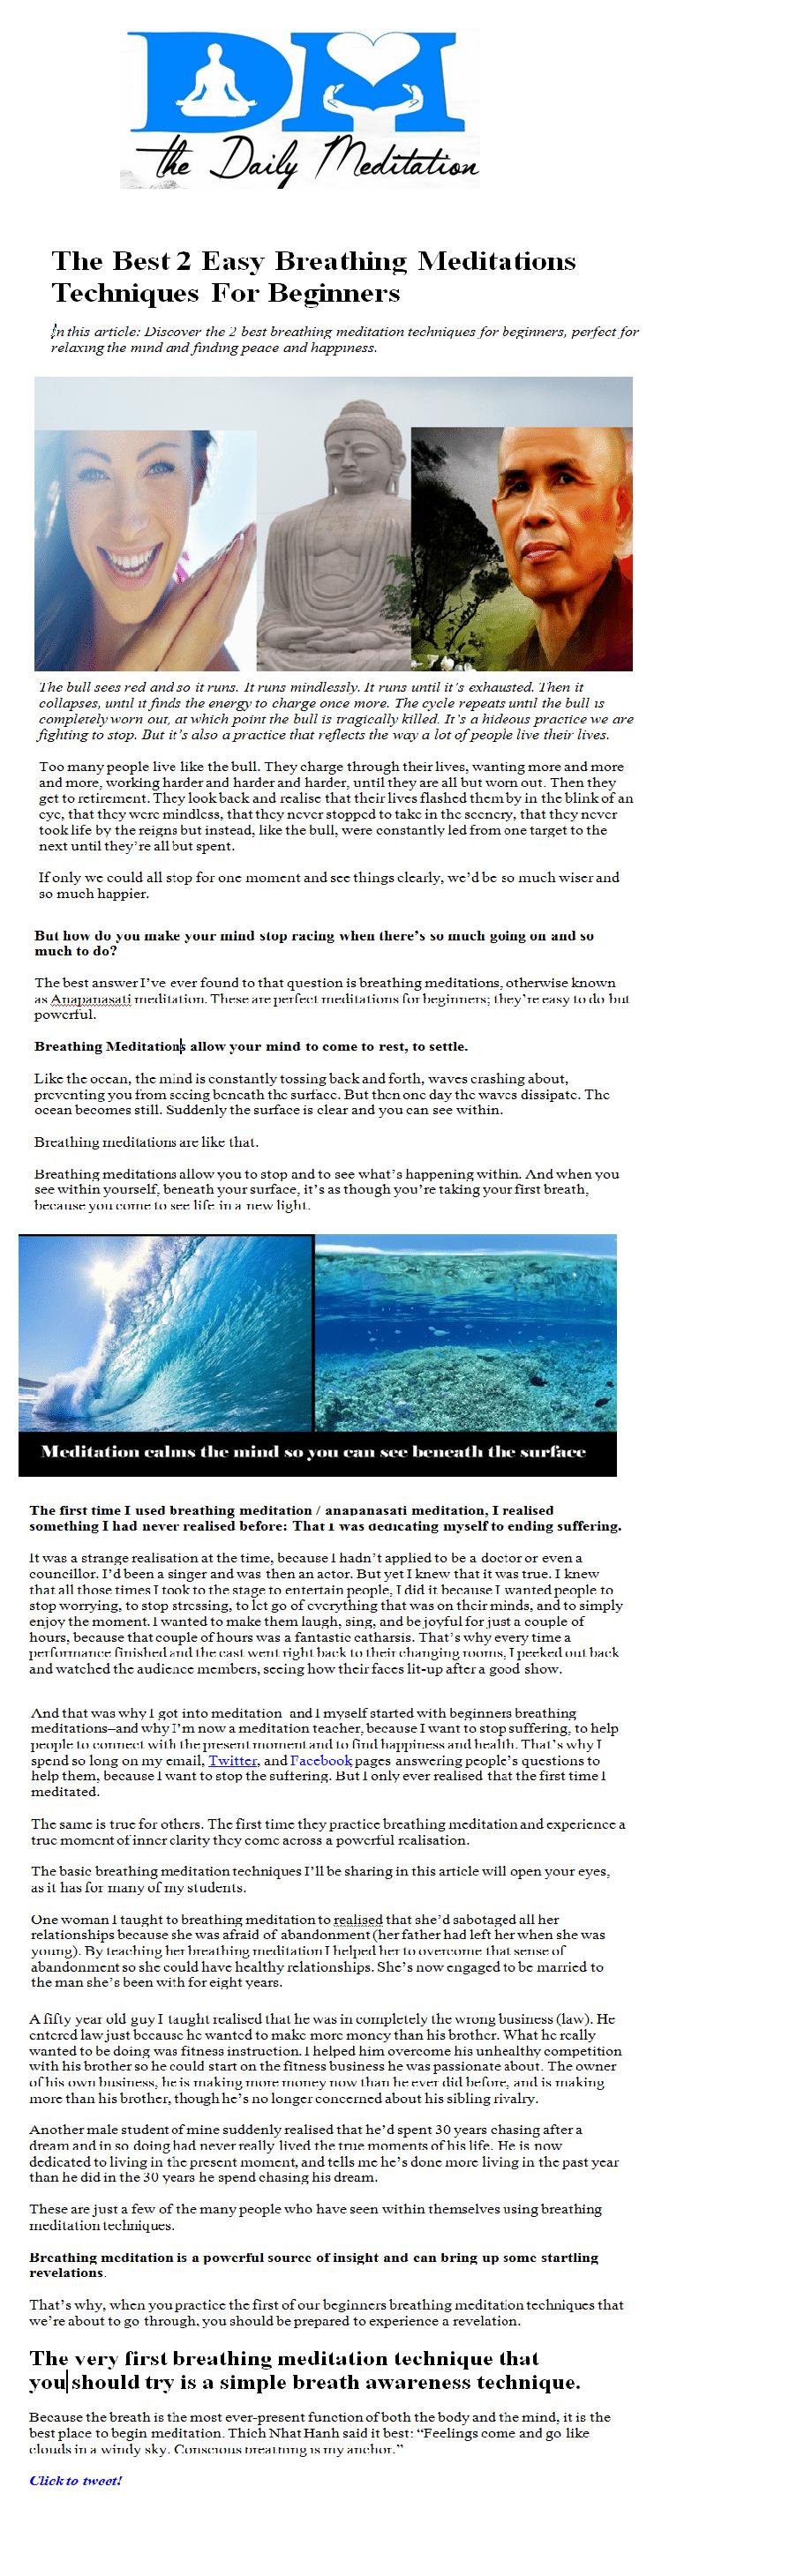 tdm newsletter header2